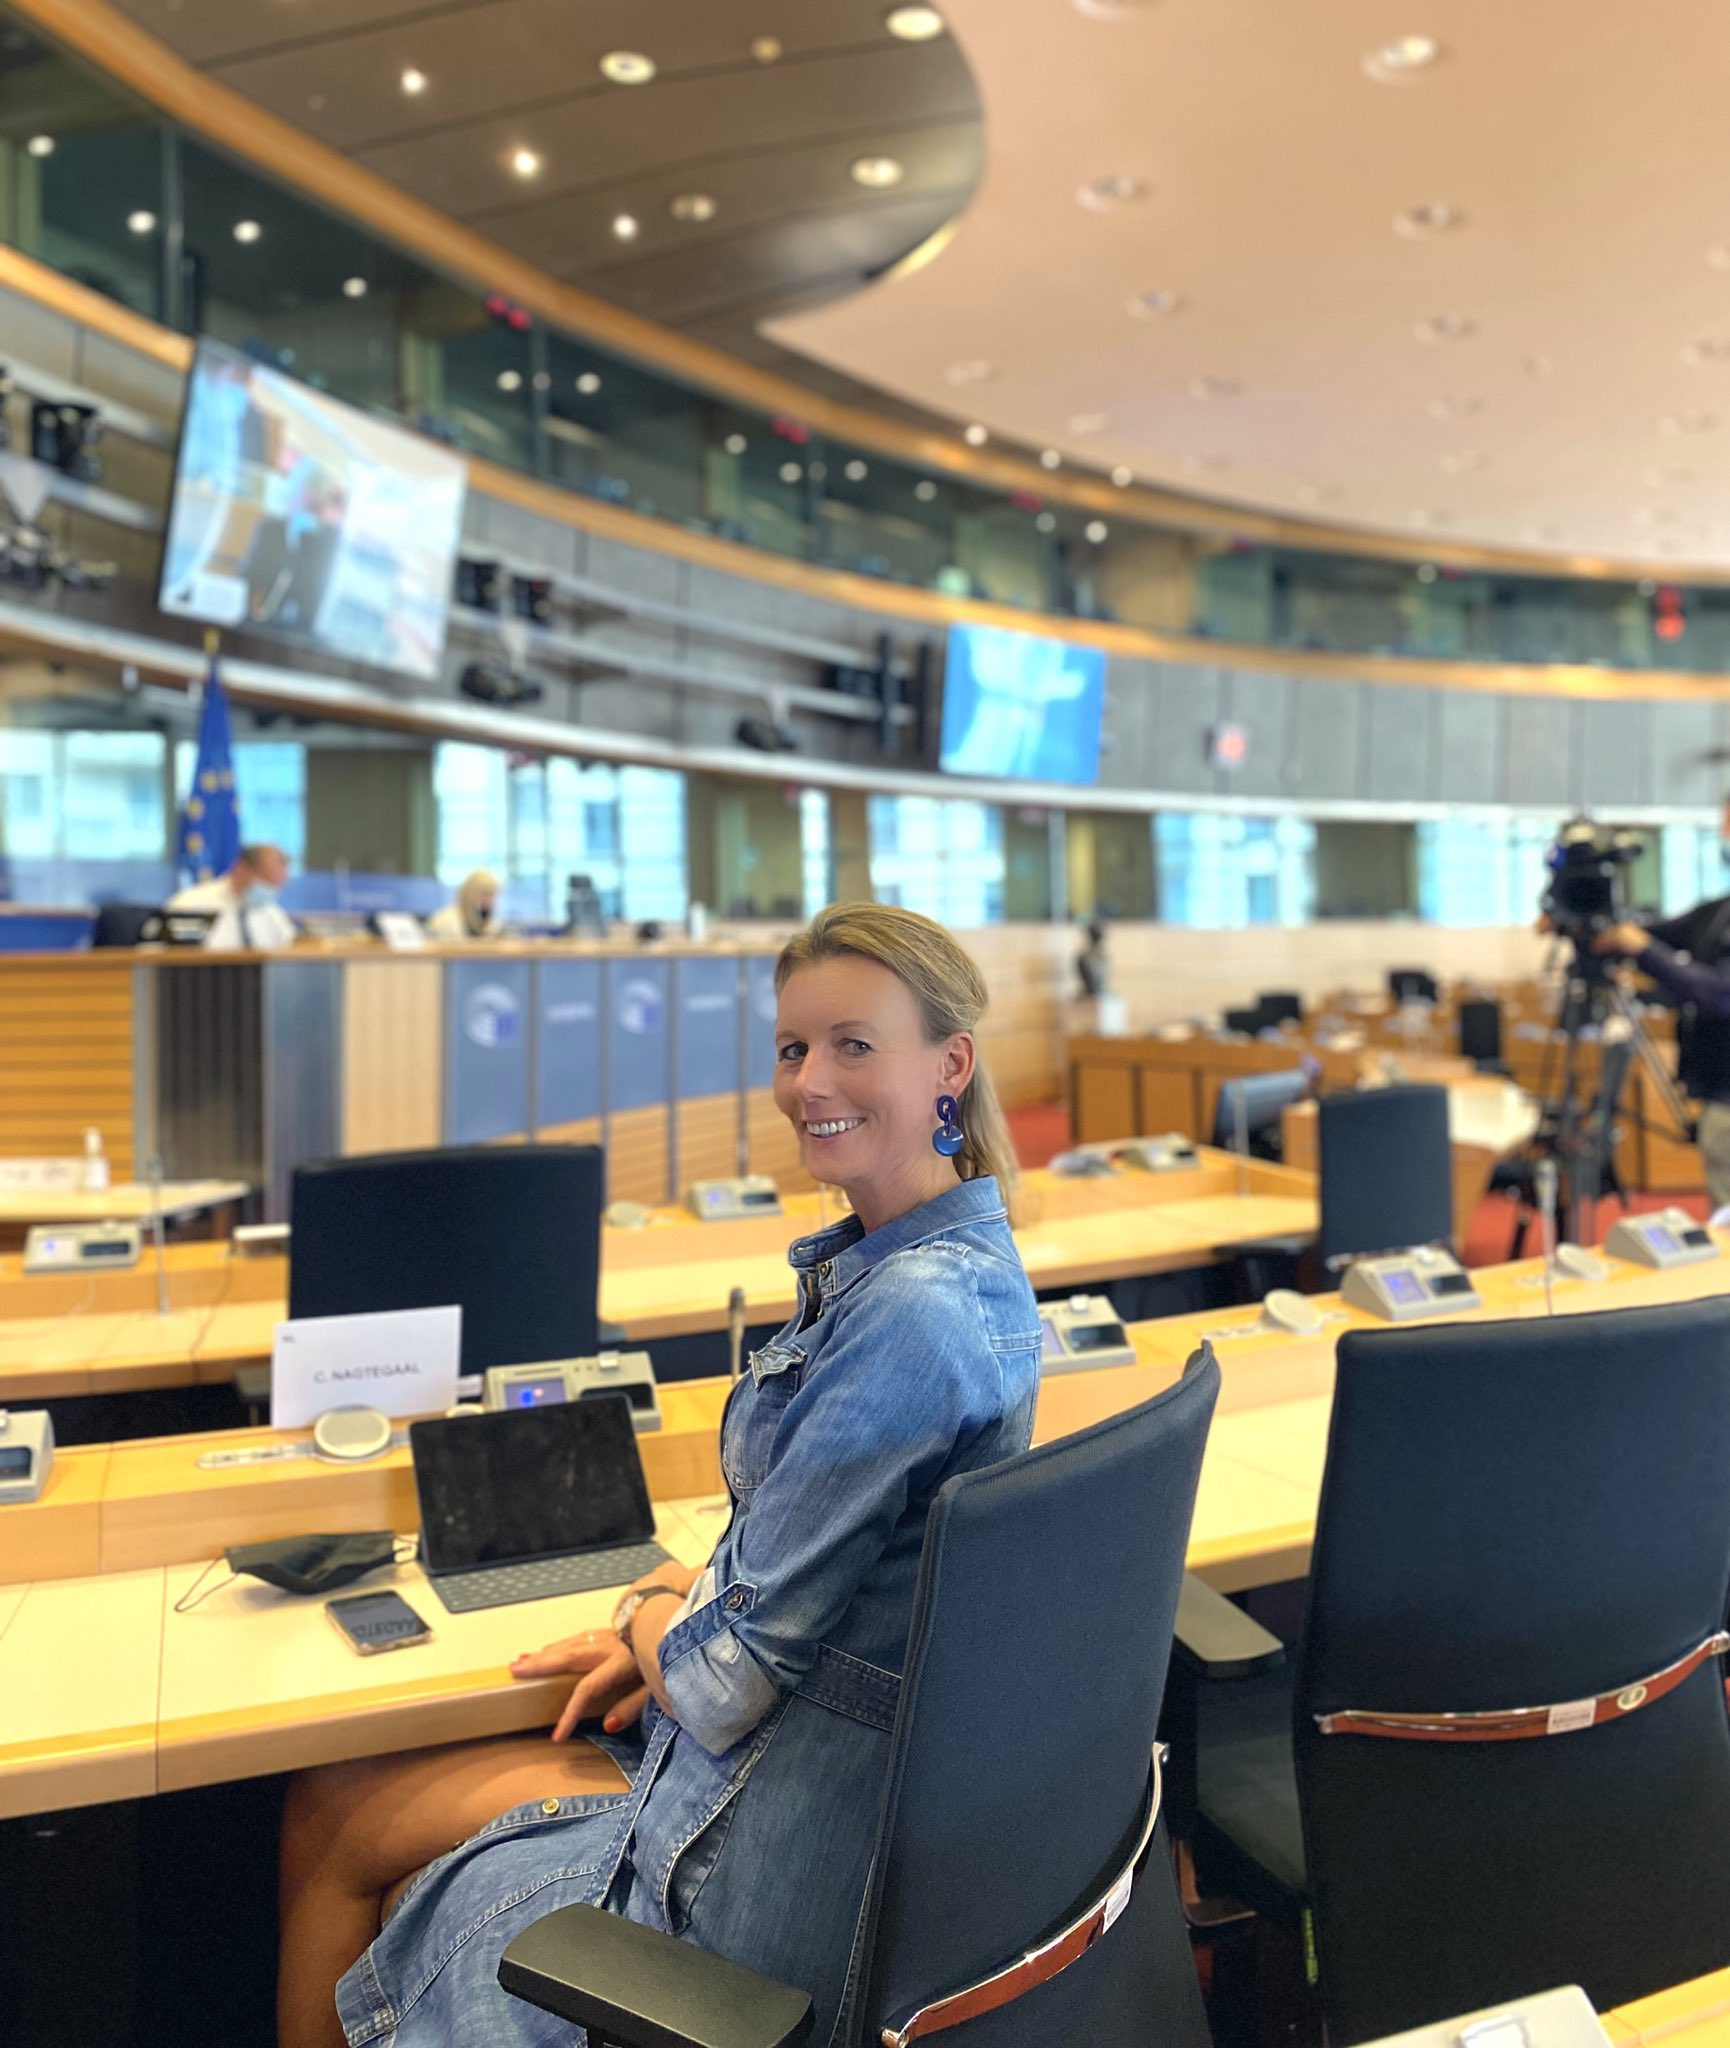 Met ruime meerderheid werd het rapport van transportspecialist Caroline Nagtegaal-Van Doorn (VVD) aangenomen. (Foto Caroline Nagtegaal-Van Doorn)